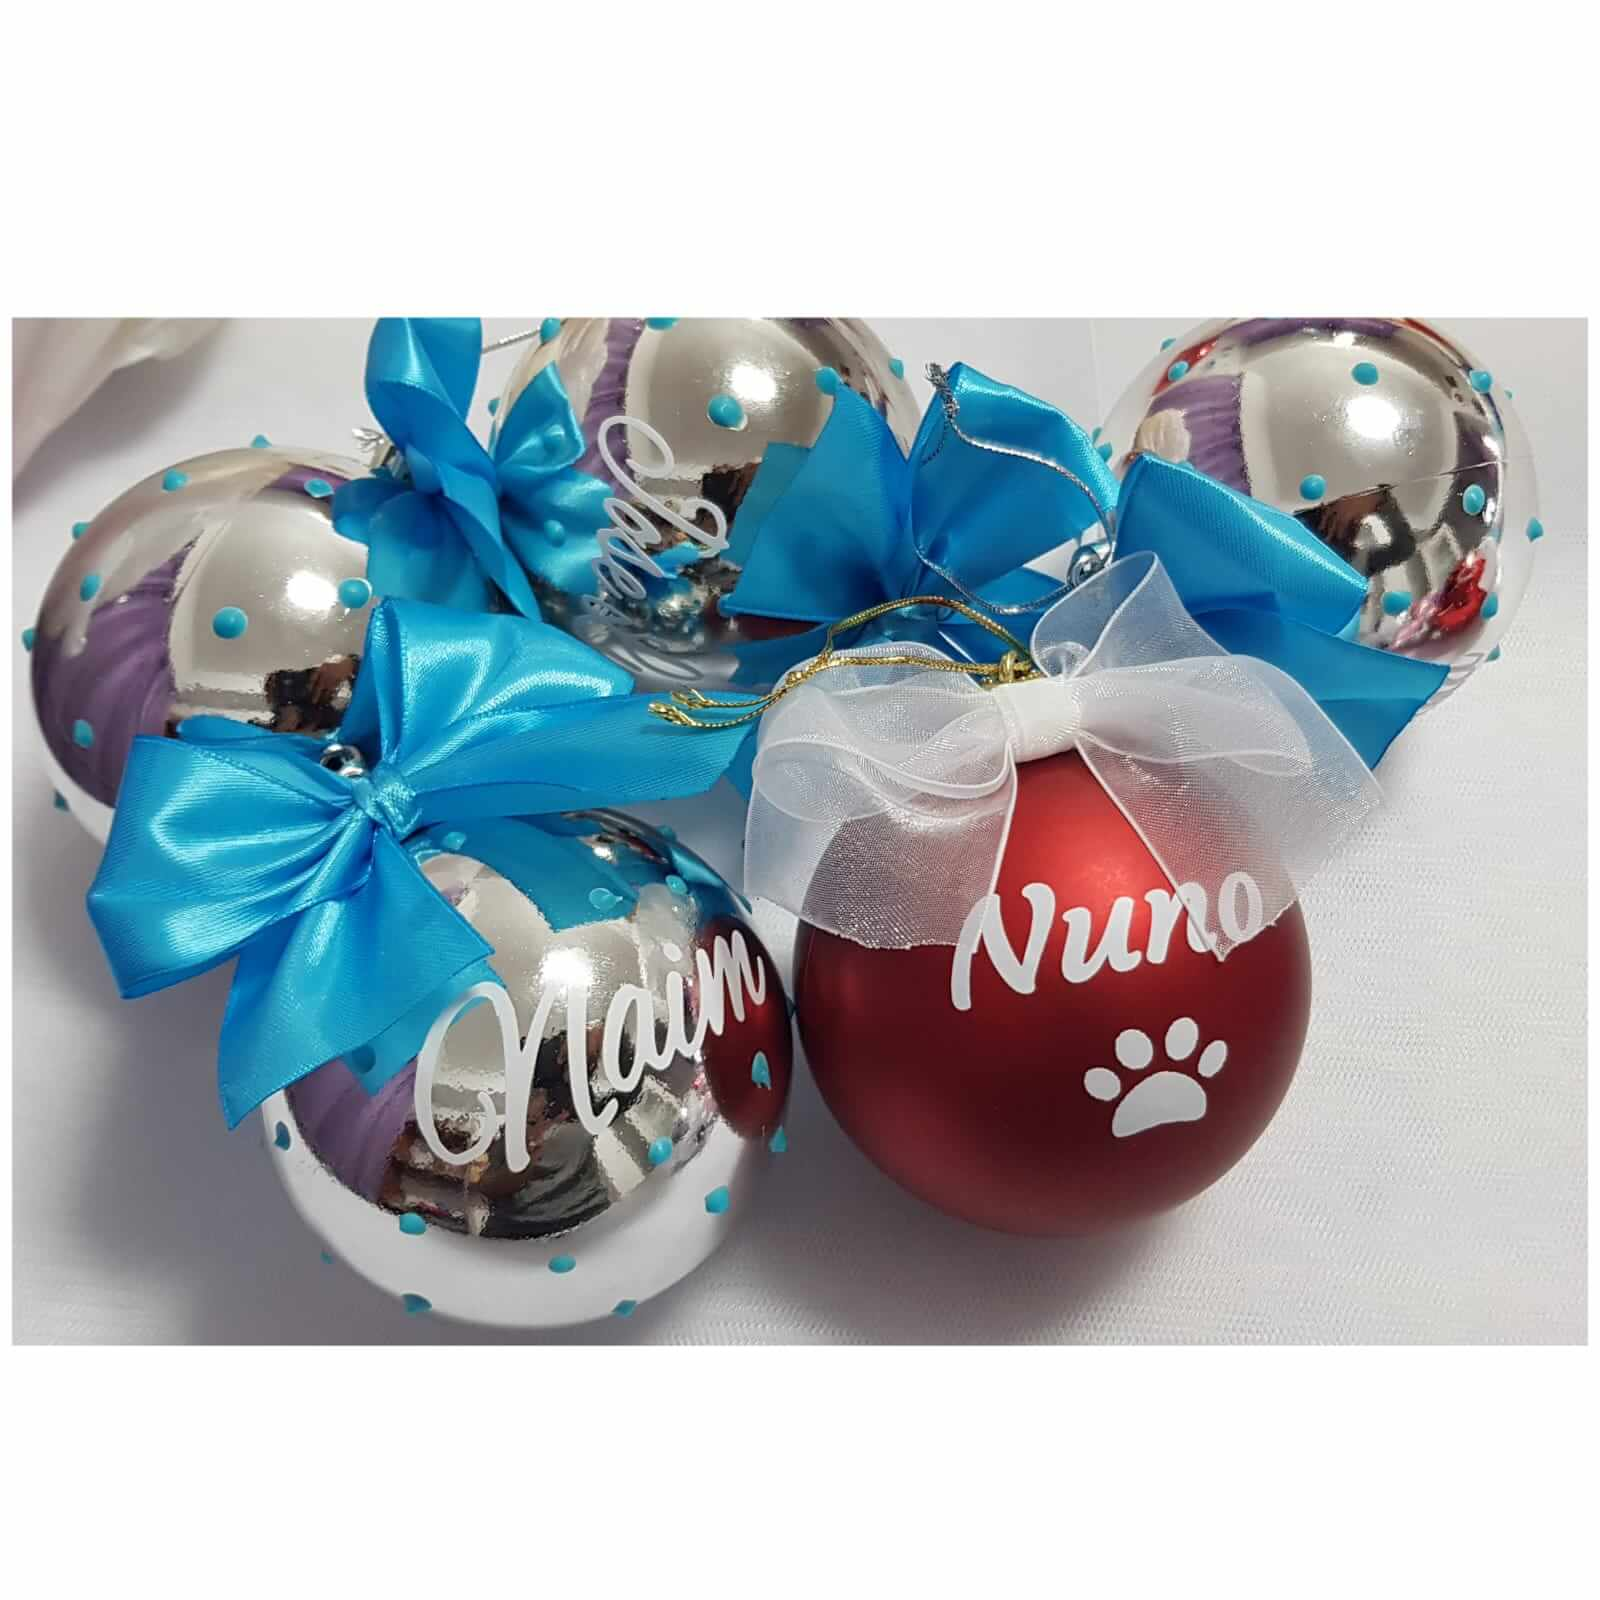 bolas de navidad personalizadas bolas navideñas bola de navidad bolas de navidad - bolas de navidad personalizadas bolas navide  as 5 - Bolas de navidad personalizadas |  Bola de navidad